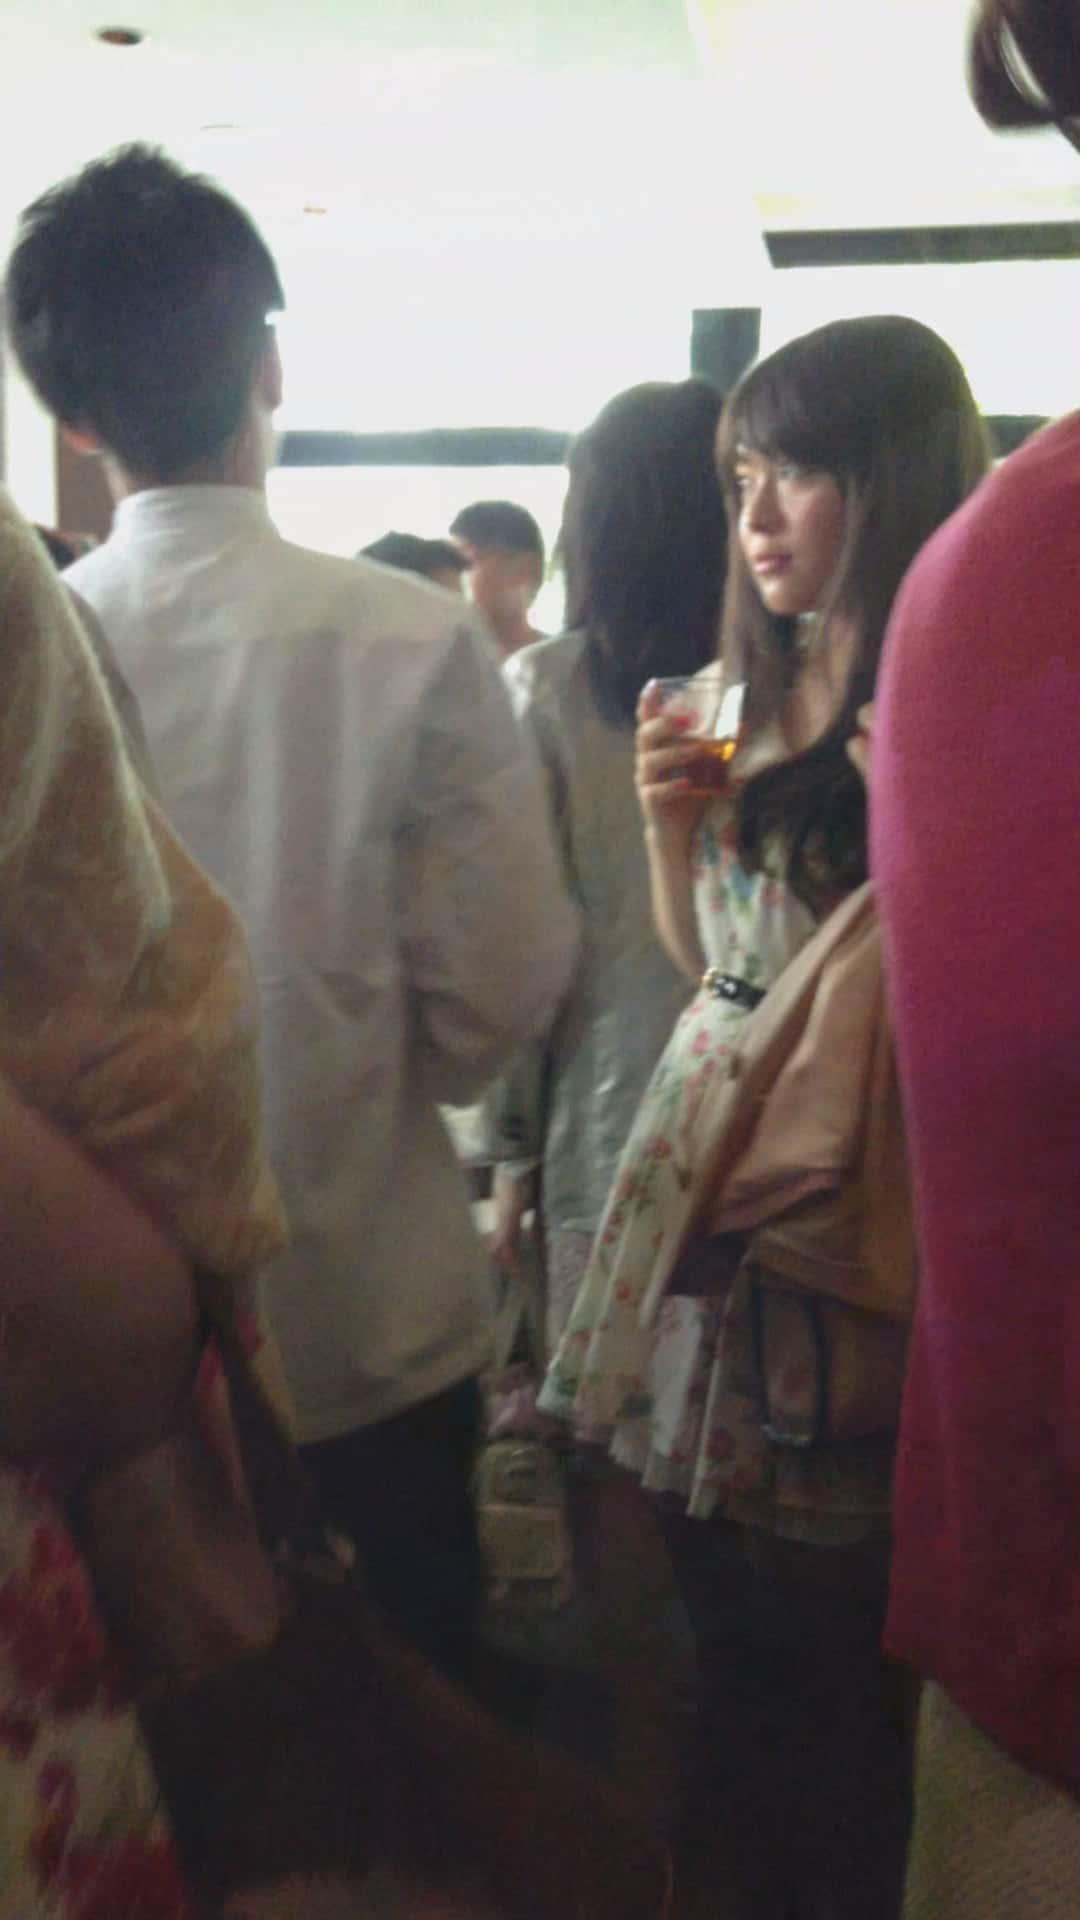 IMG 0069.MOV 1 1 1 0002 - 【写真動画】男性におすすめの無料と有料結婚相談所ランキングの発表!